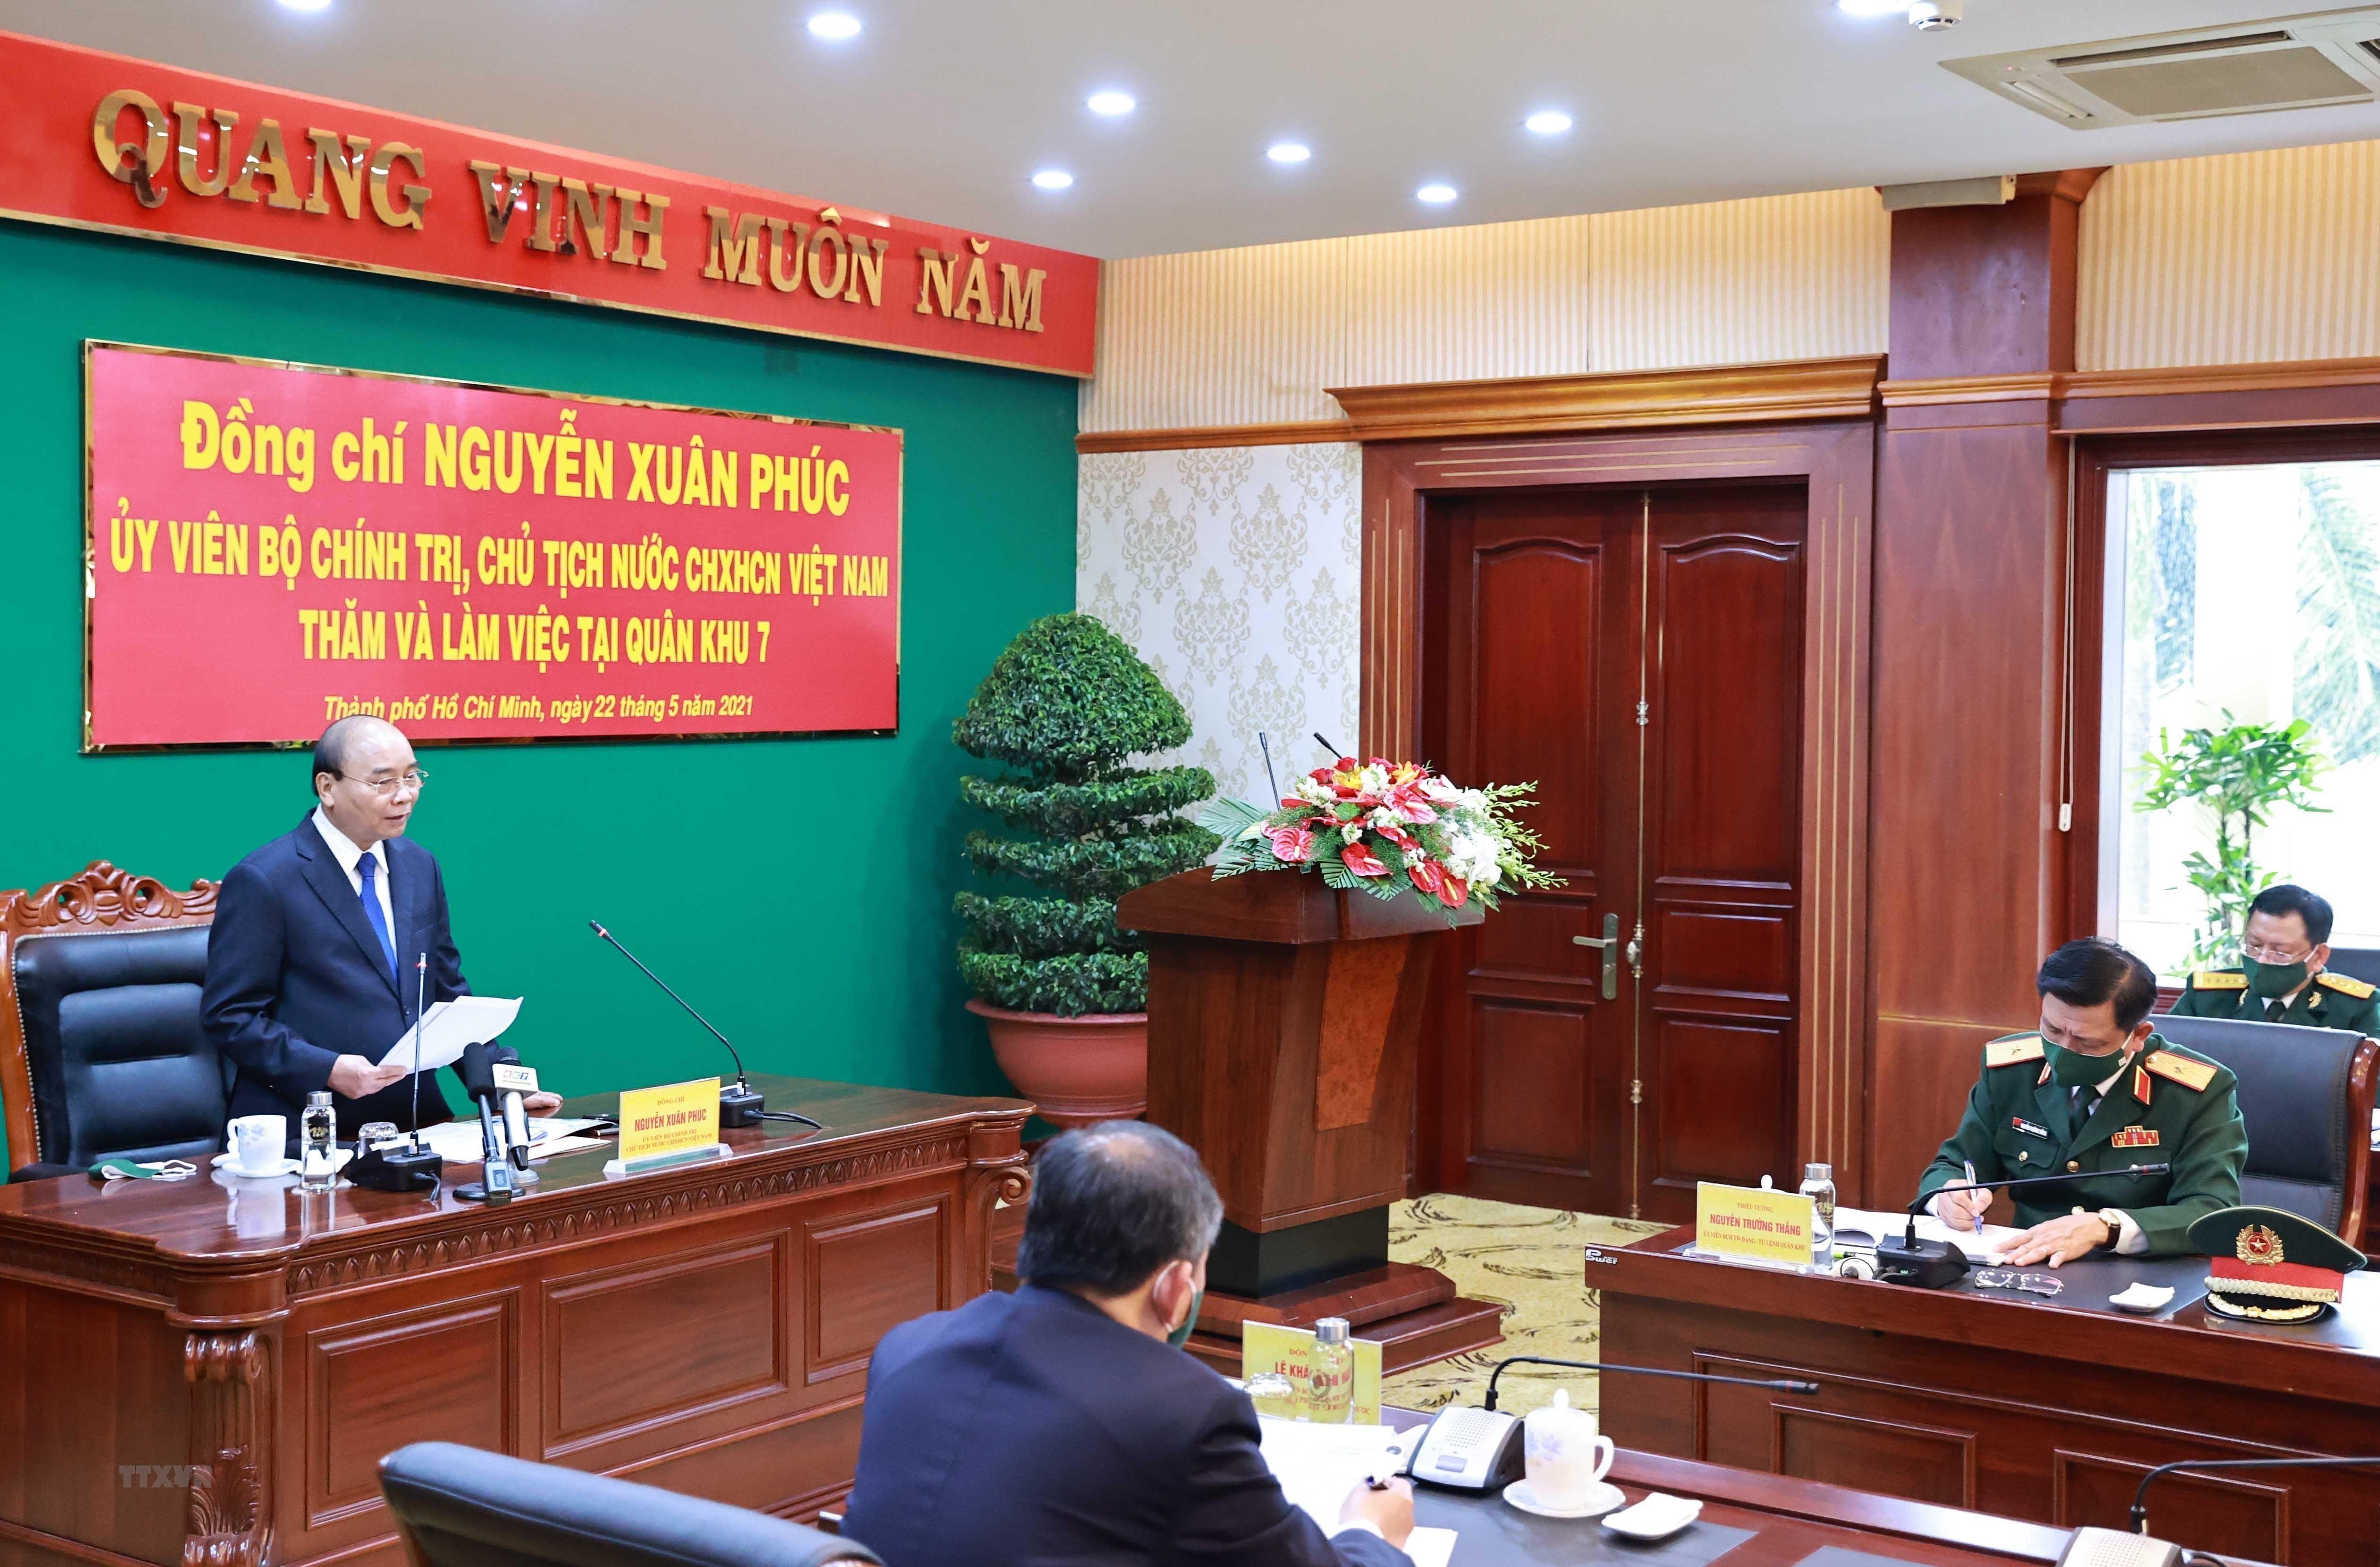 Hinh anh Chu tich nuoc Nguyen Xuan Phuc tham, lam viec tai Quan khu 7 hinh anh 3